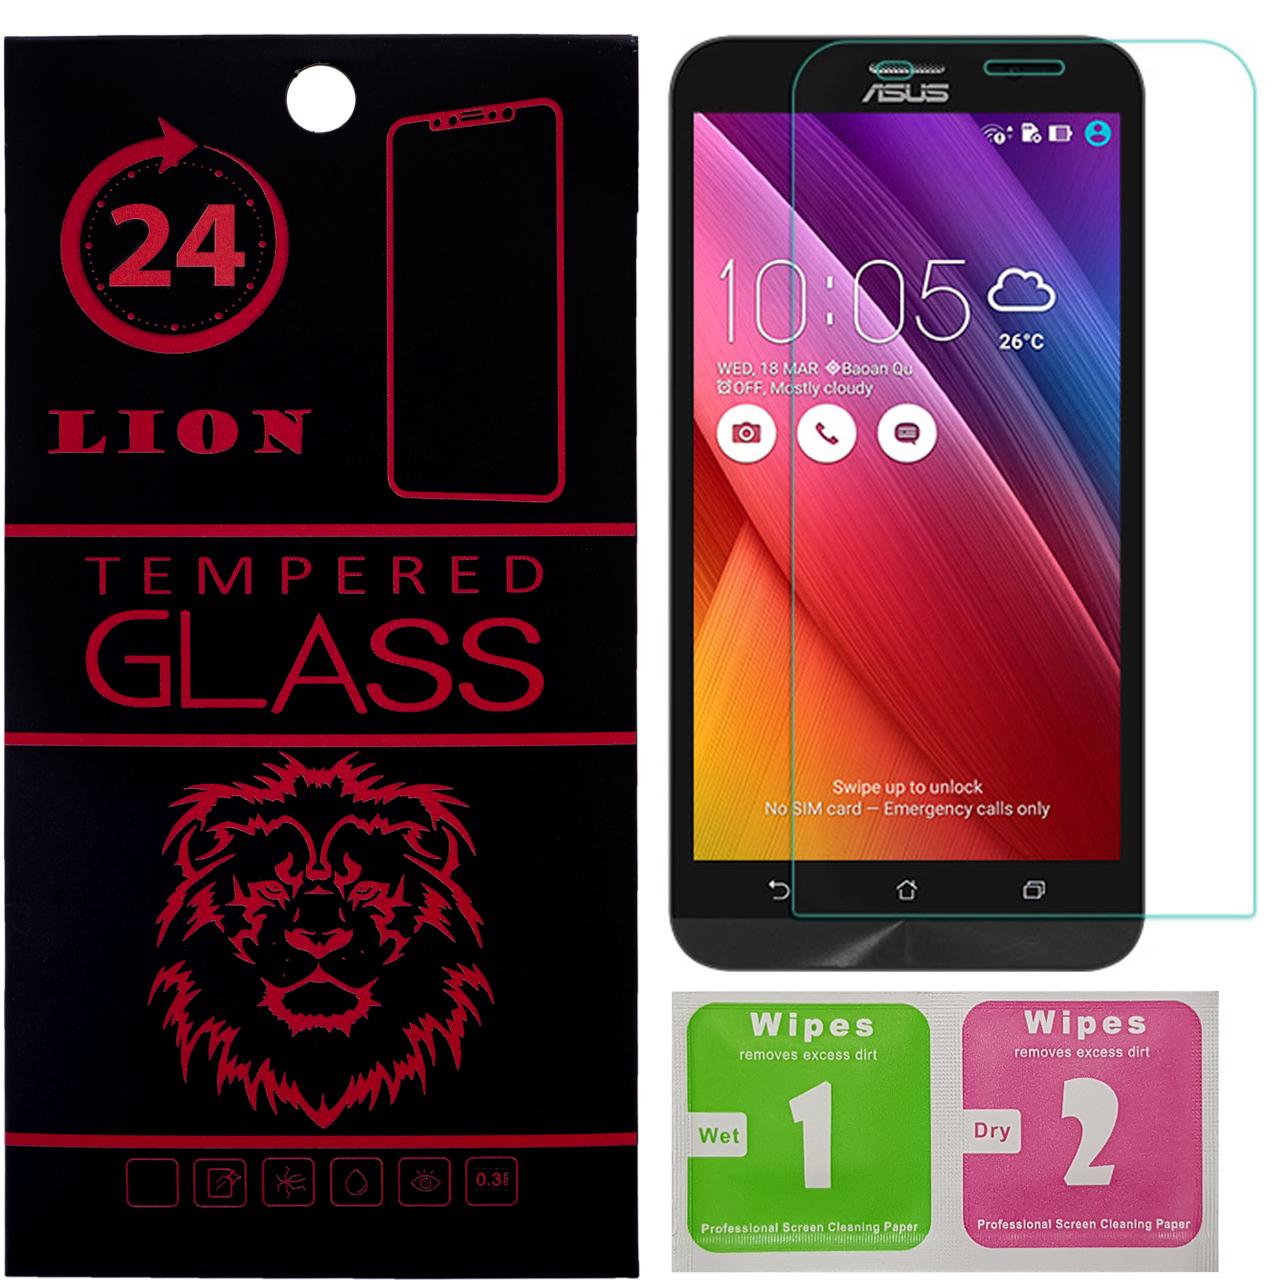 محافظ صفحه نمایش شیشه ای لاین مدل 2.5D مناسب برای گوشی ایسوس Zenfone 2 ZE551ML thumb